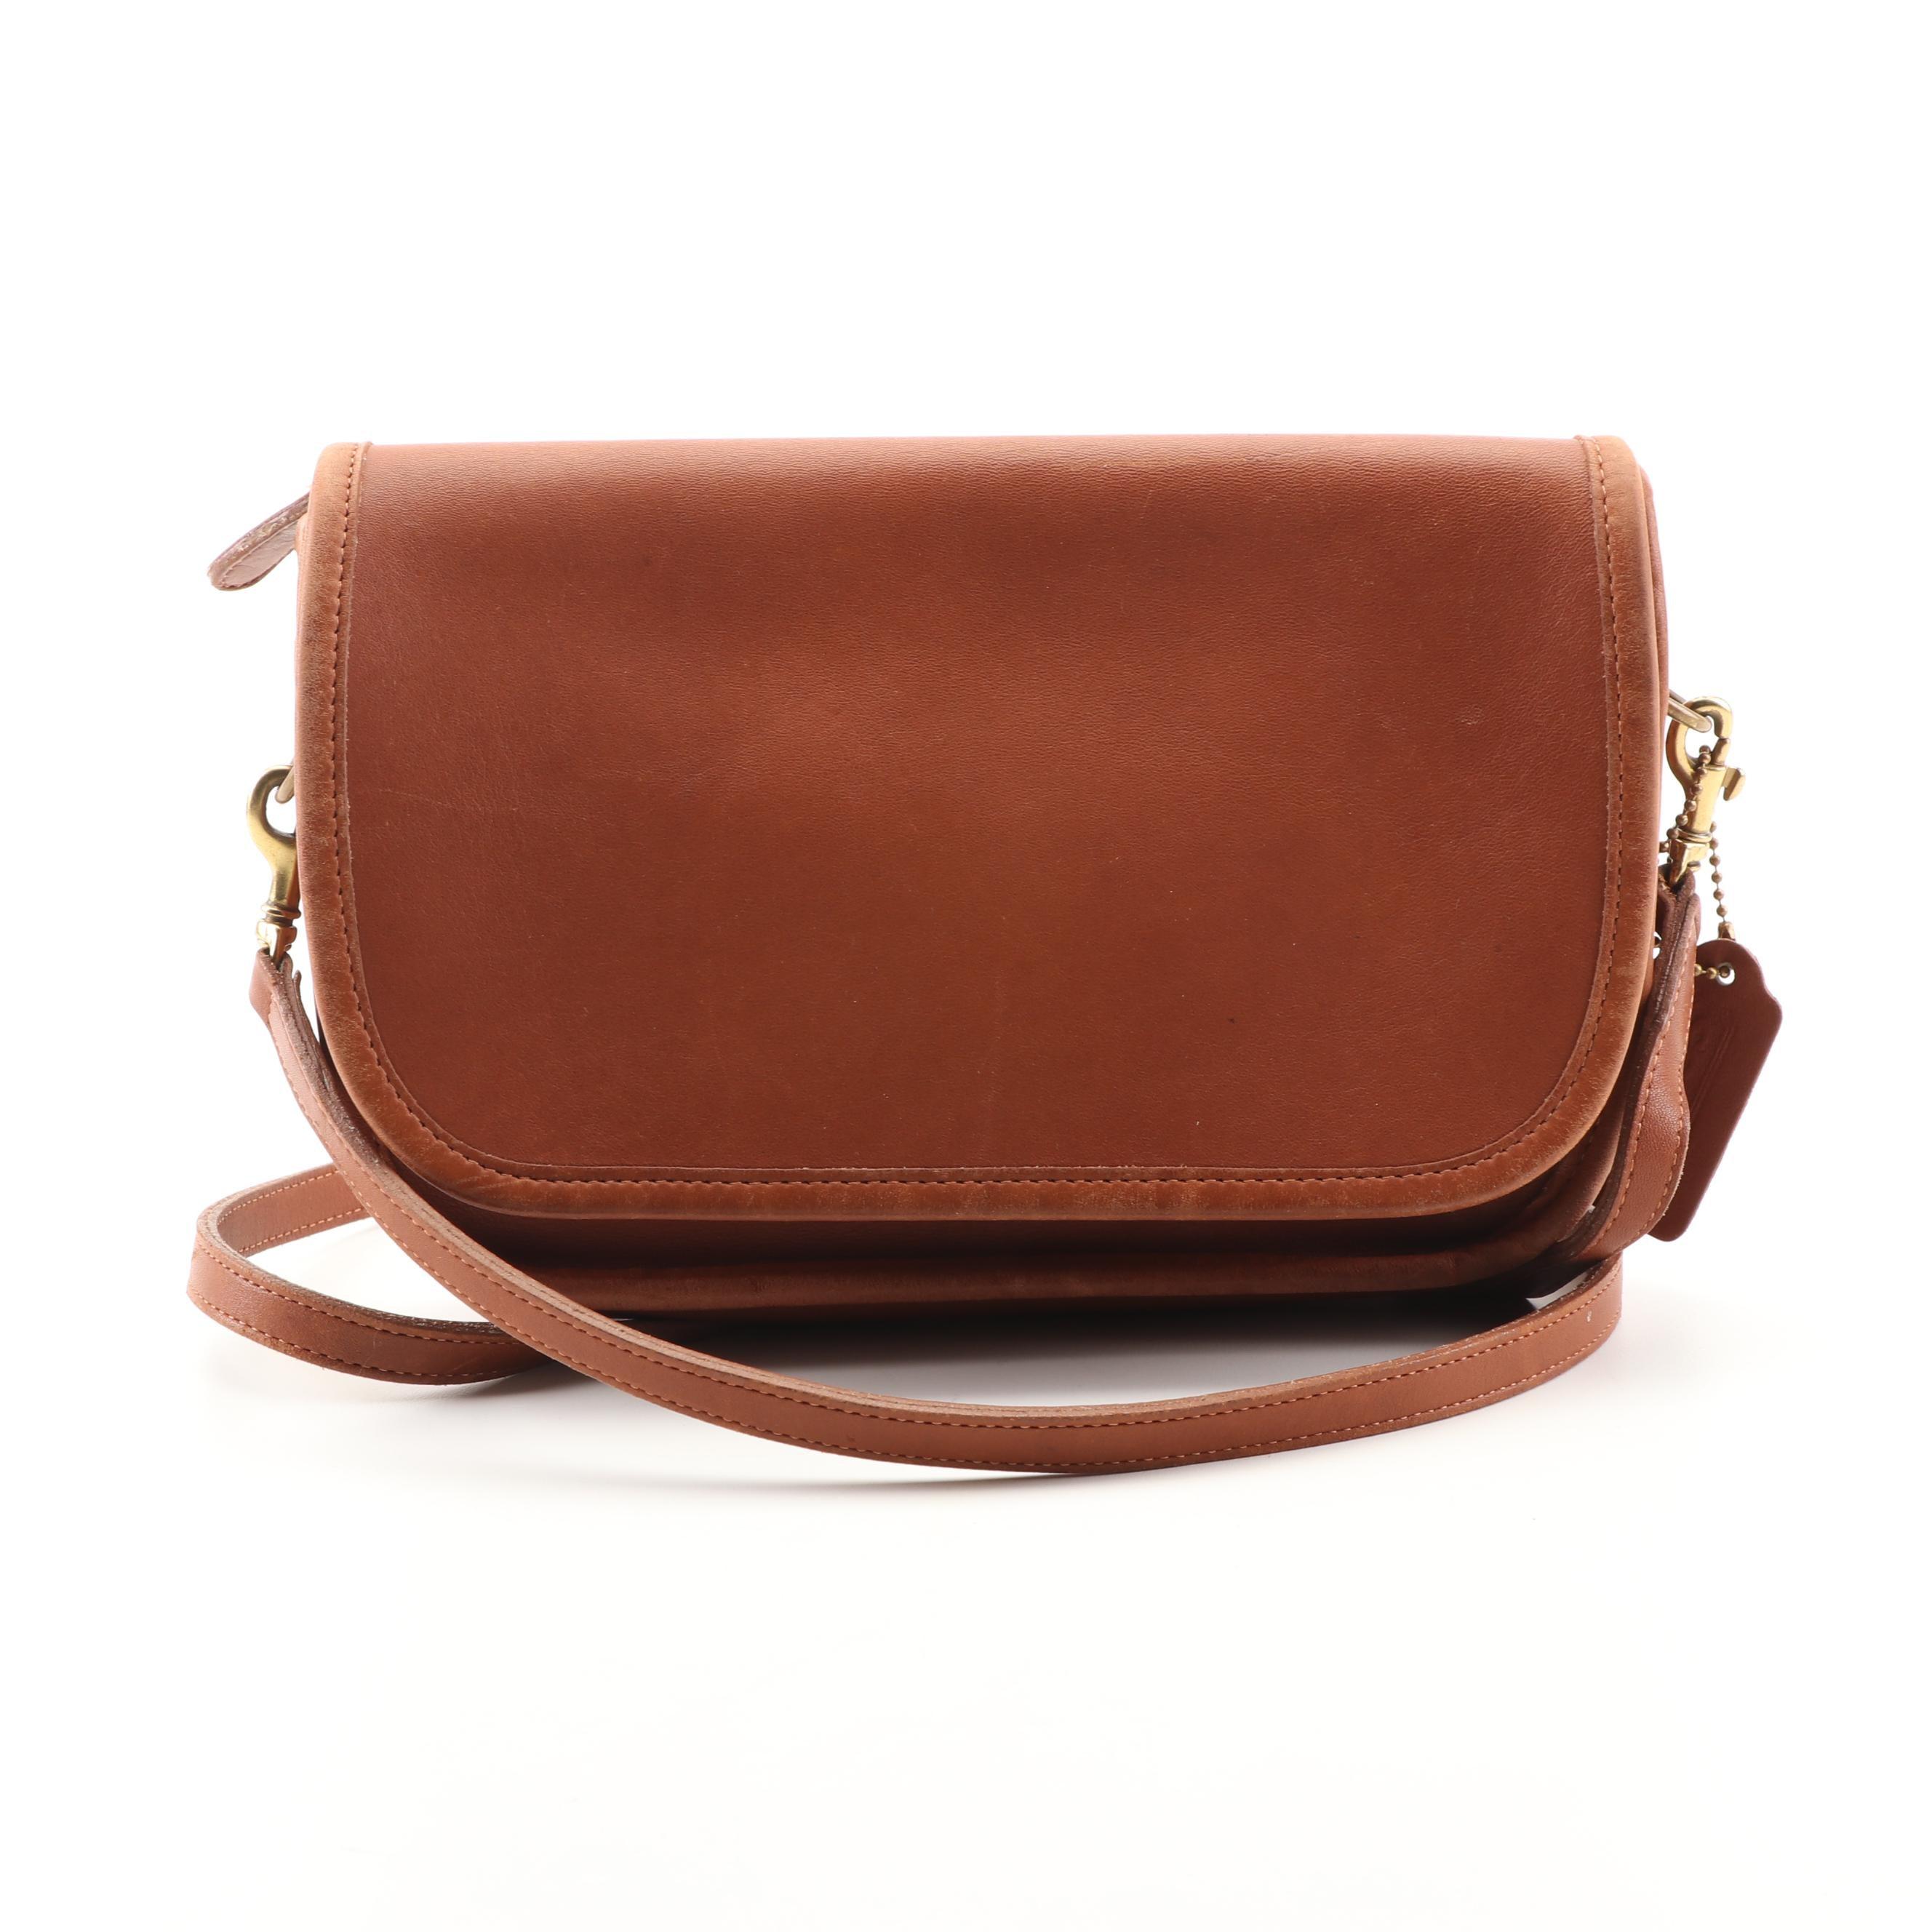 Vintage Coach Tan Leather Flap Front Handbag